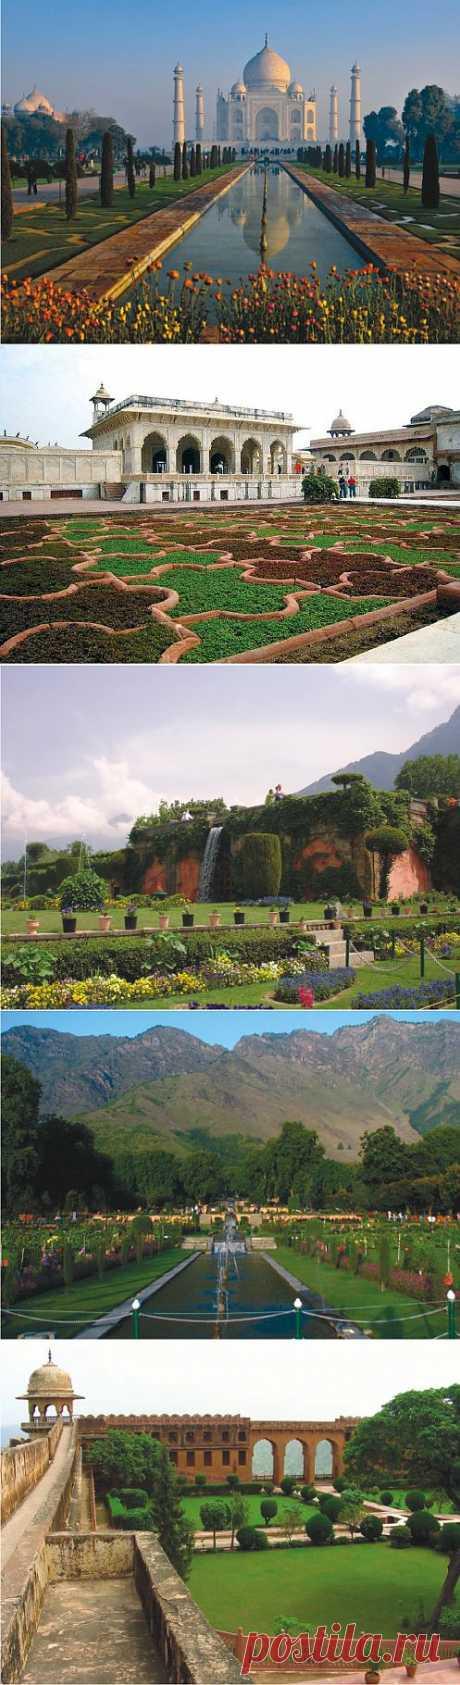 В Индии с давних времен относятся к дереву, цветку и саду в целом, очень трепетно. Индусы говорят: «Мой сад- моя жизнь». Вырастить сад в Индии — это не только аграрная наука и дизайн, но и целое духовное направление — «Васту», названное в честь бога земельного участка.     Если верить этому направлению, то земля на которой ты живешь, дом, растения, которые тебя окружают, цветы, — всё влияет на твое здоровье, внутренний мир и гармонию с миром в целом.